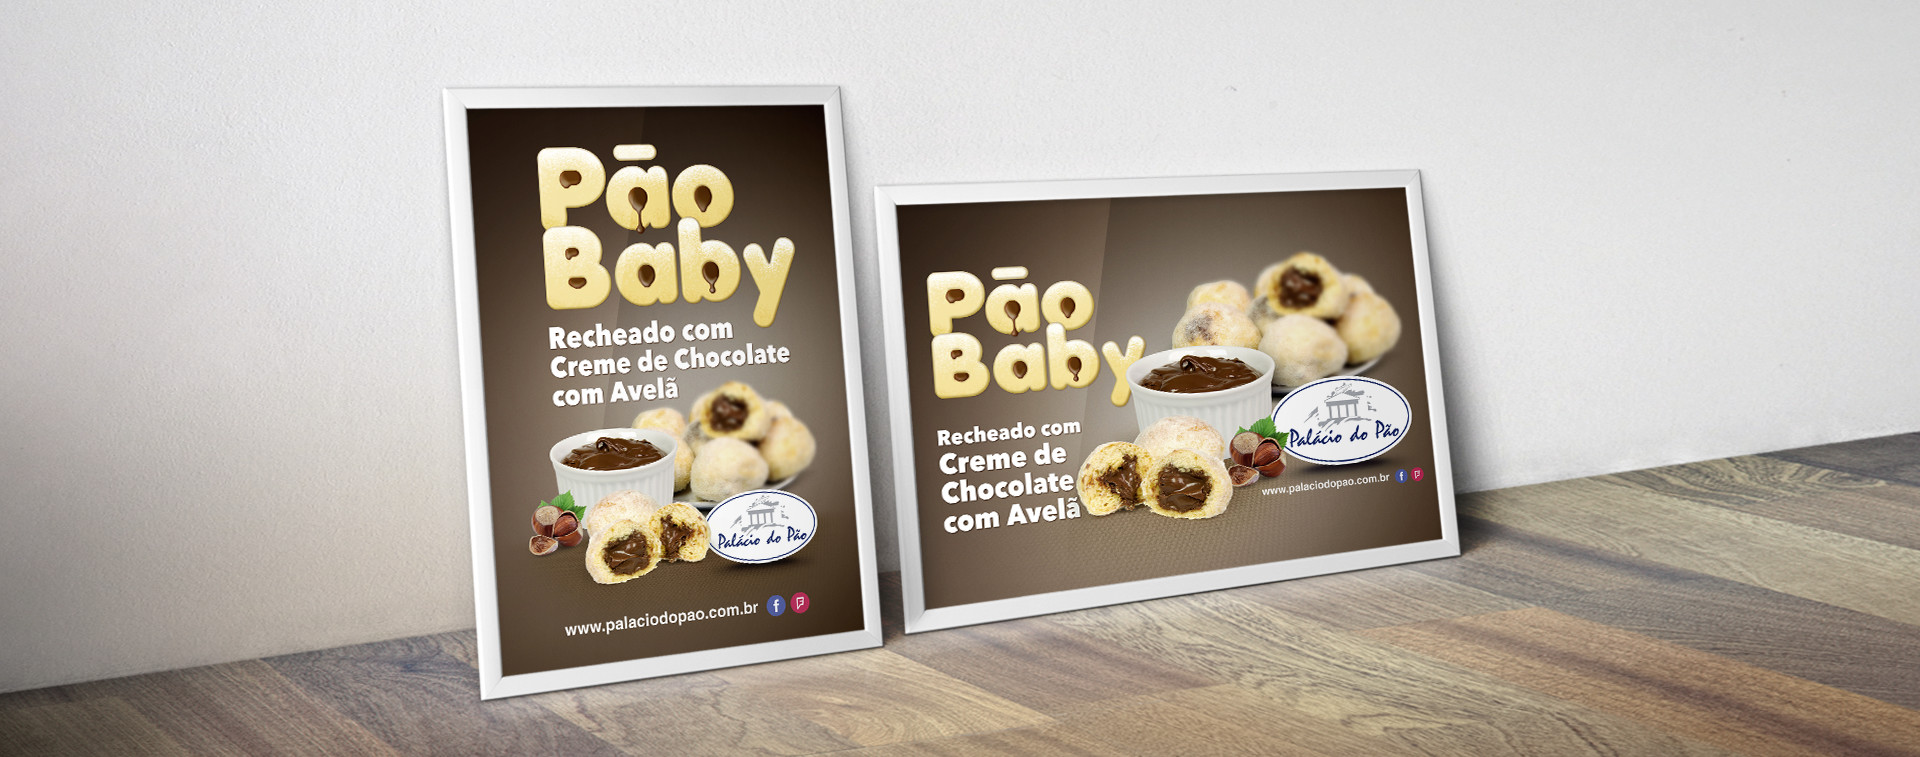 cartaz pão baby Padaria Palácio do Pão